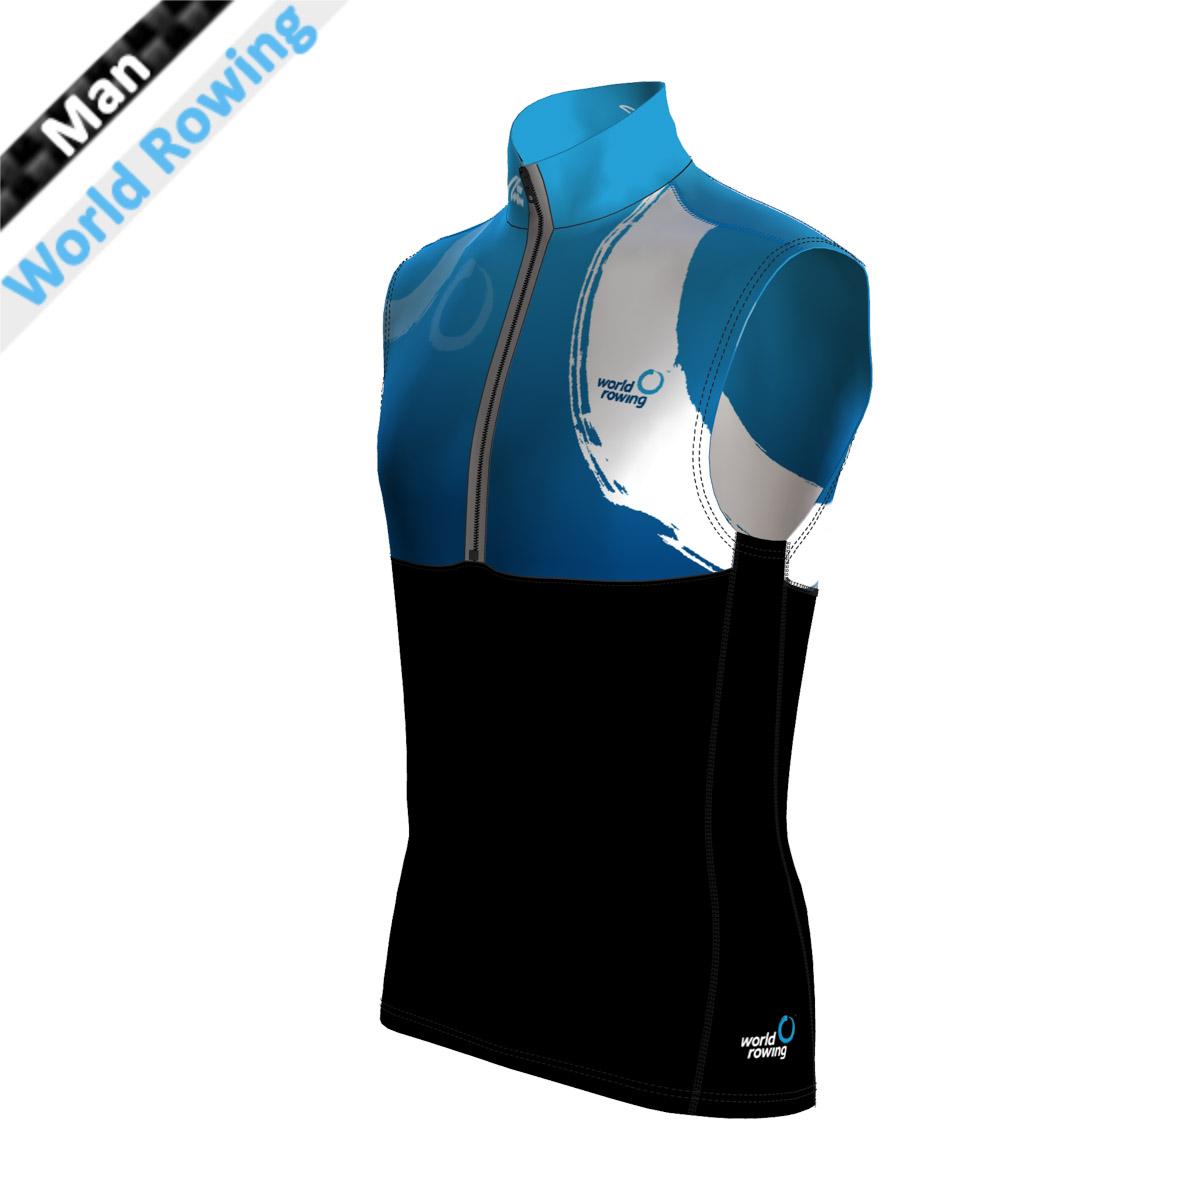 Pro Vest Man - World Rowing (Kragen, Brust, Rücken oben - sublimiert/Bauch,Rücken,Seitenstreifen - schwarz mit wr Druck)